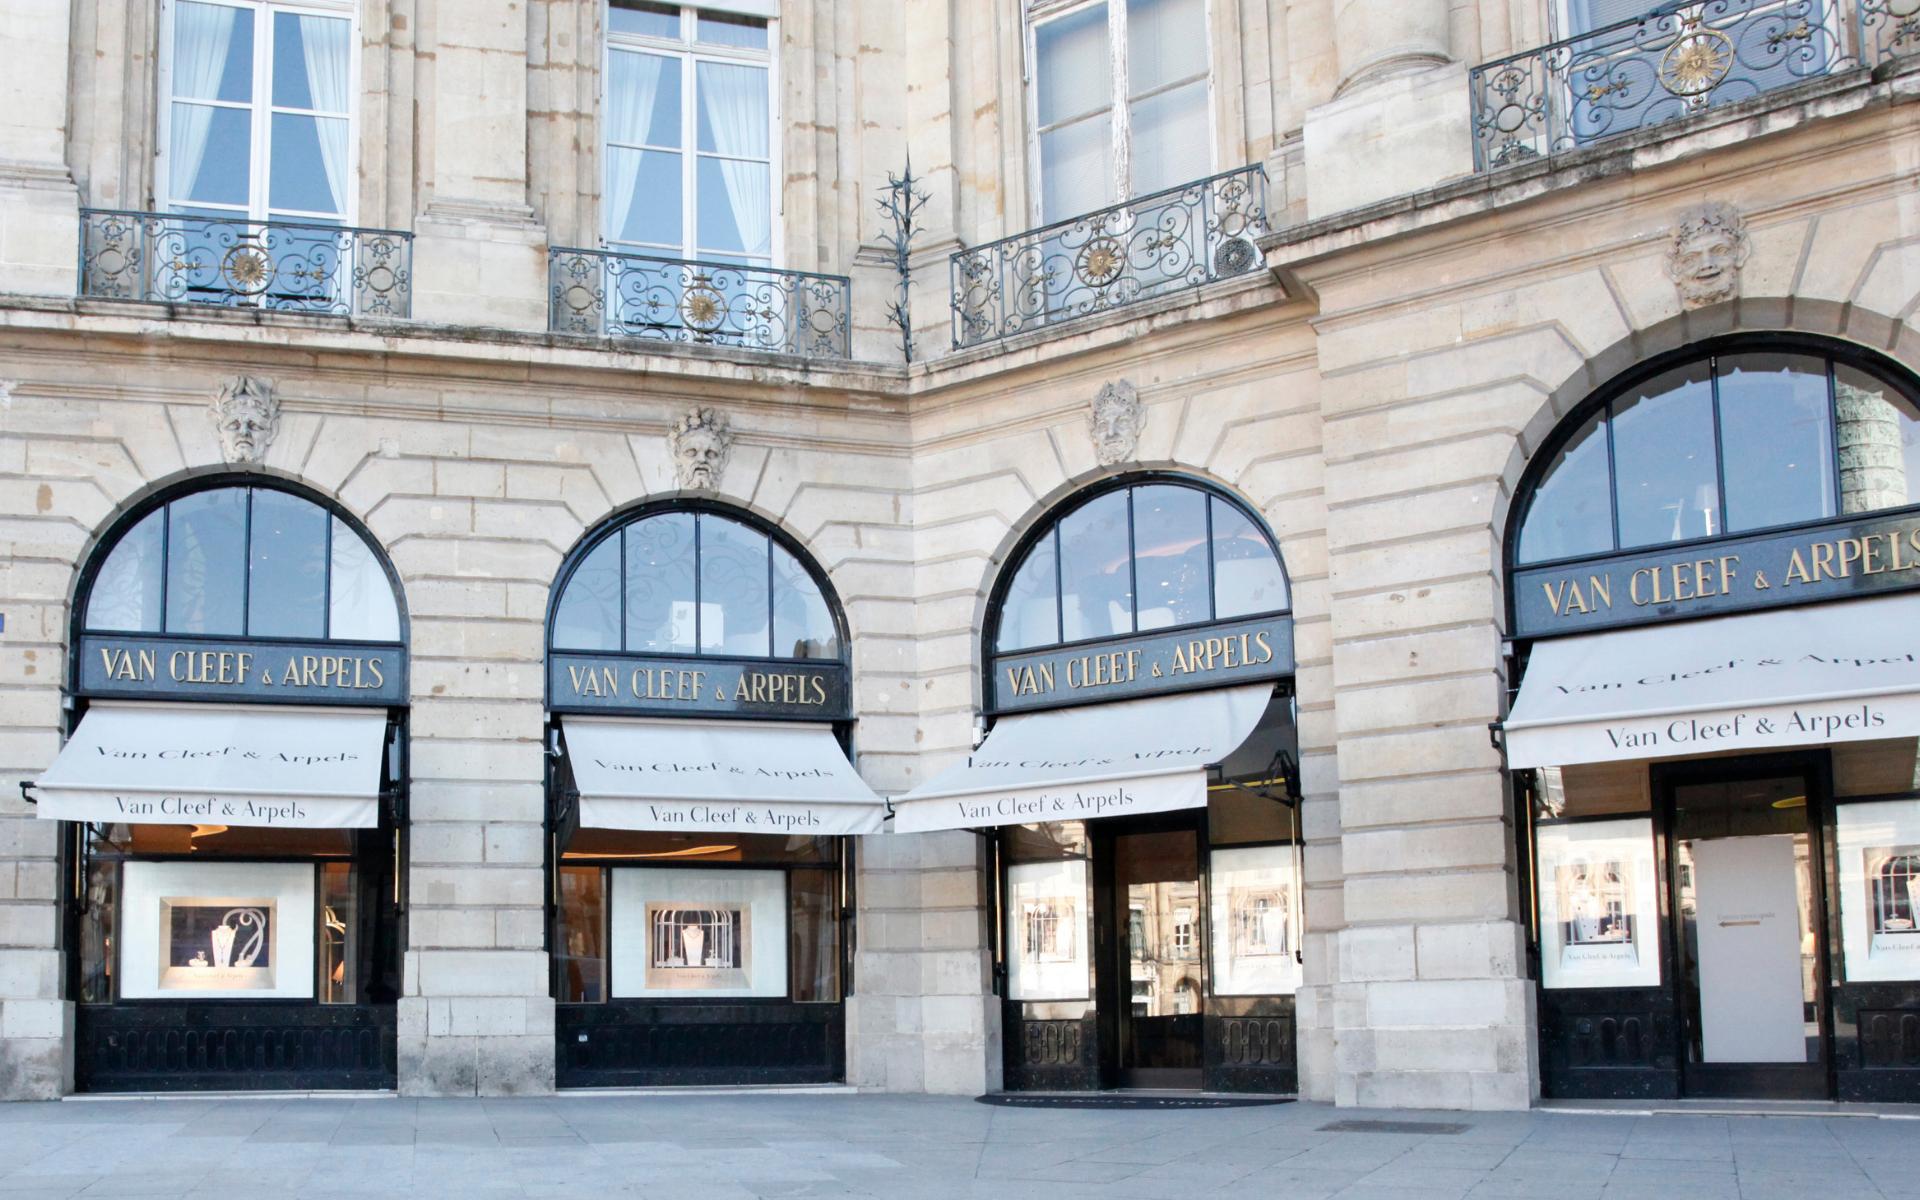 Van Cleef & Arpels' iconic boutique at 22 Place Vendôme